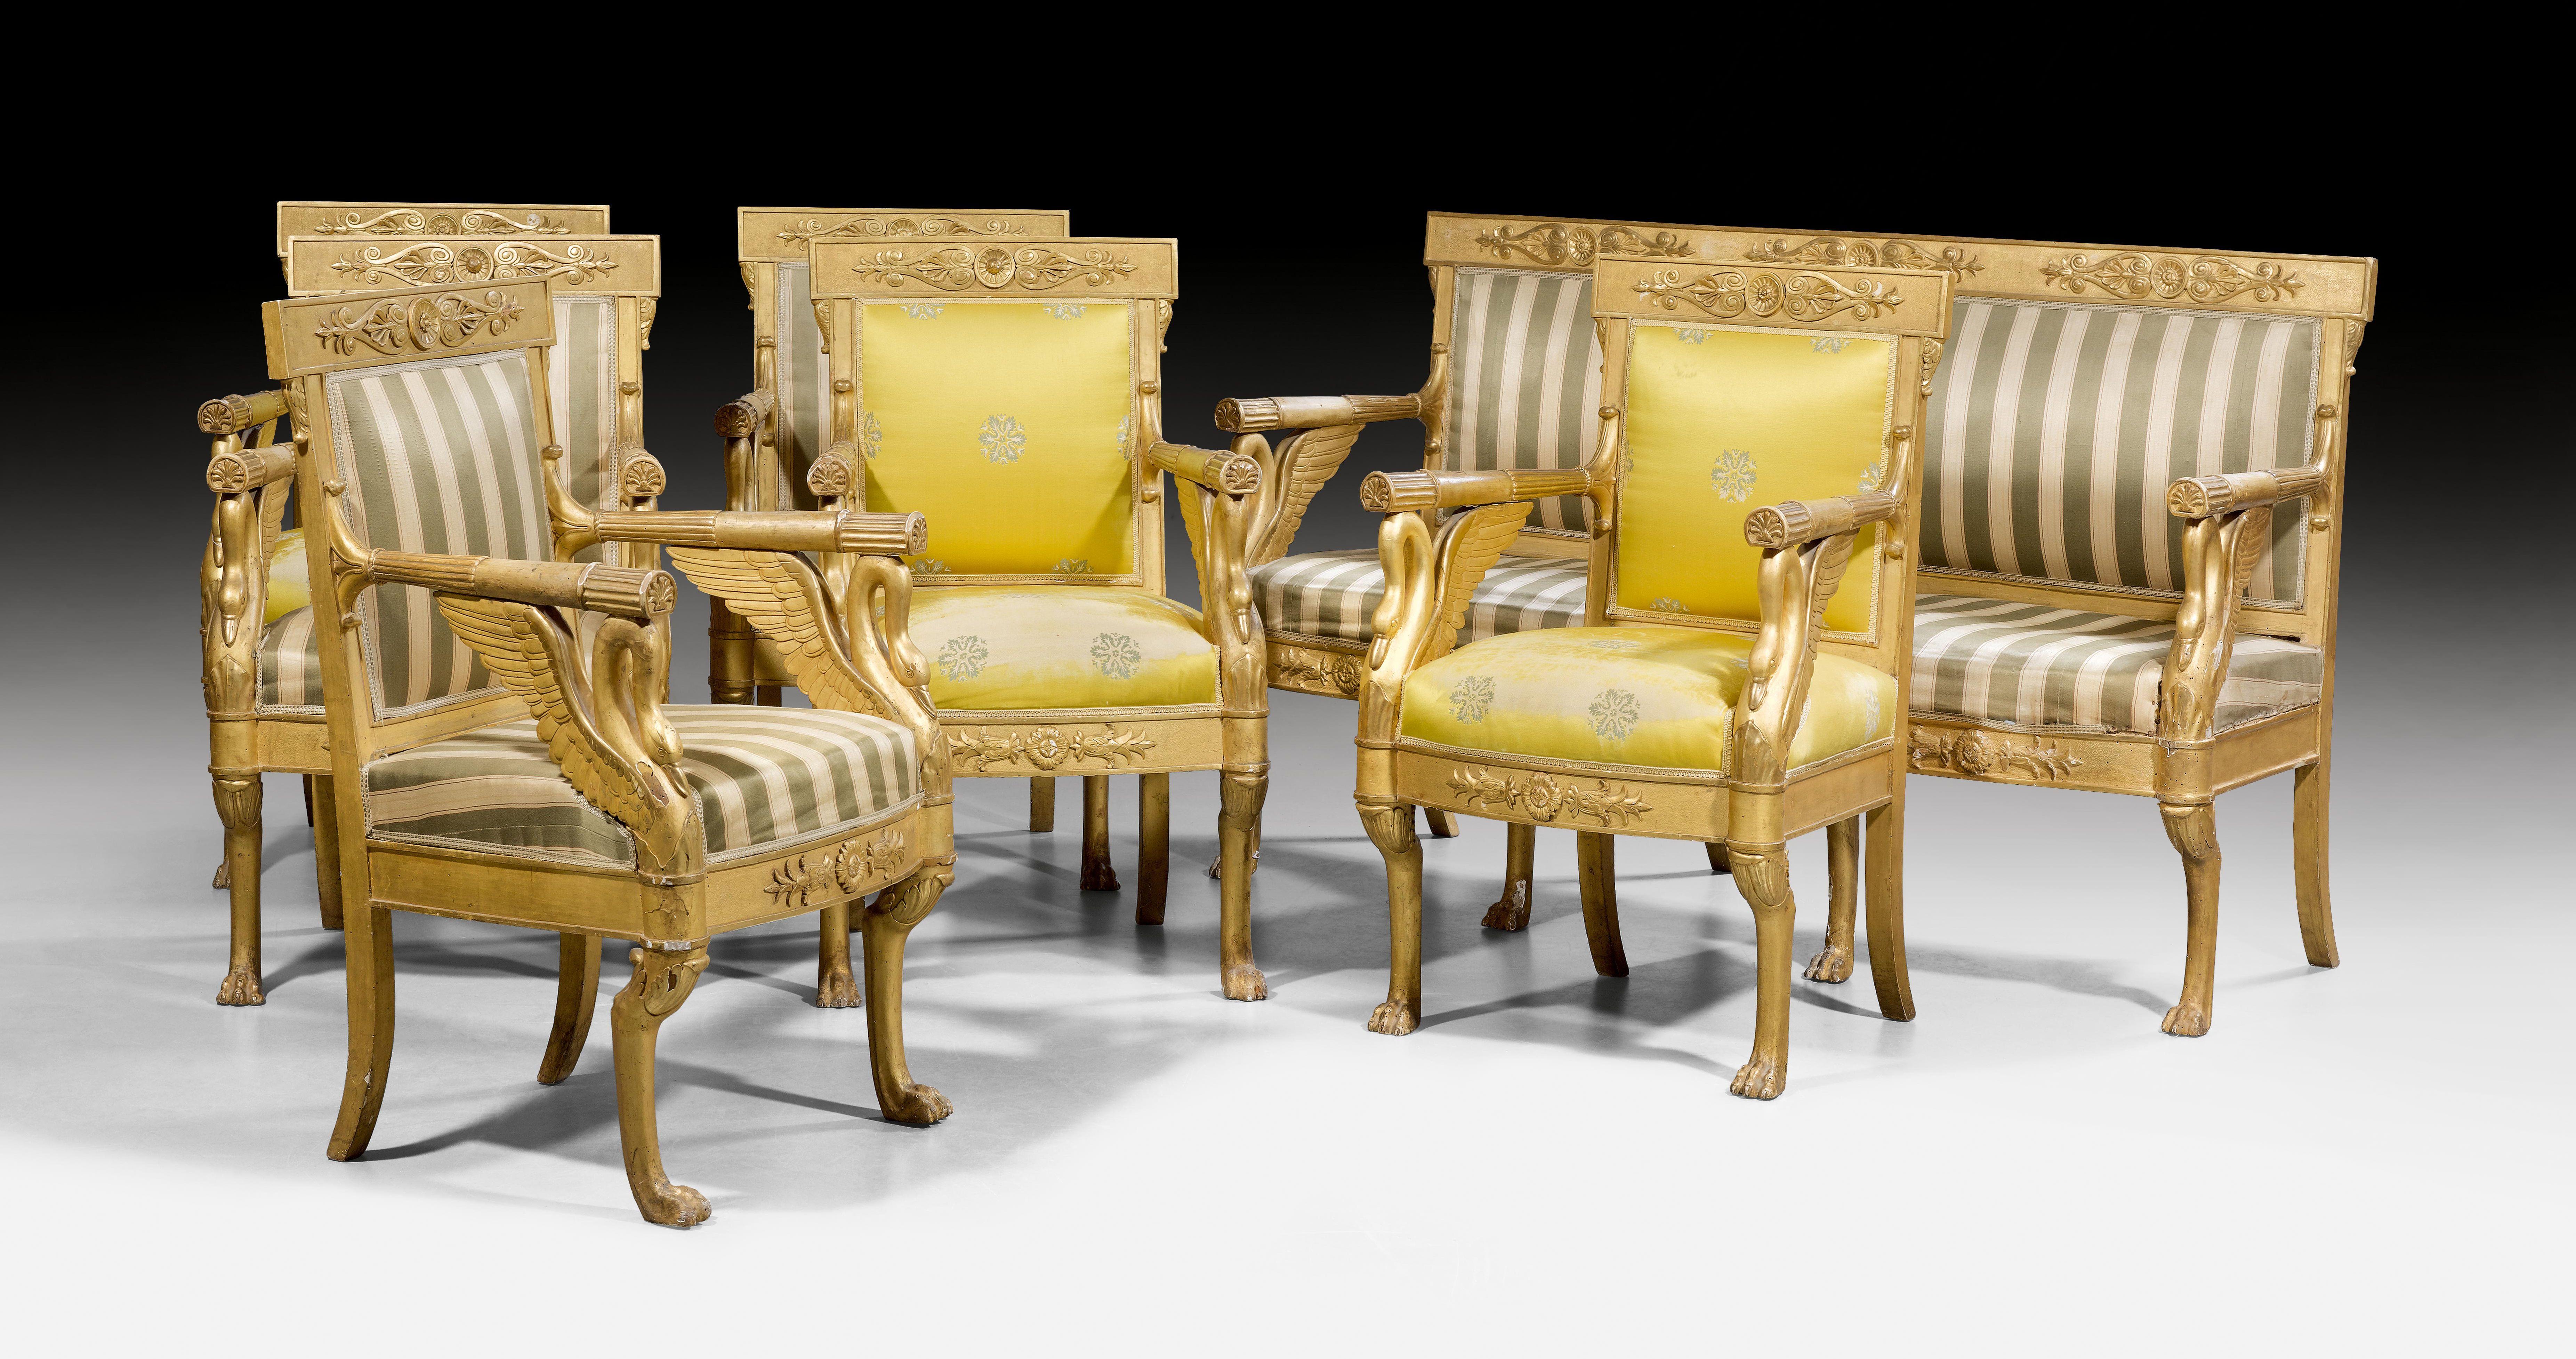 C suite of furniture